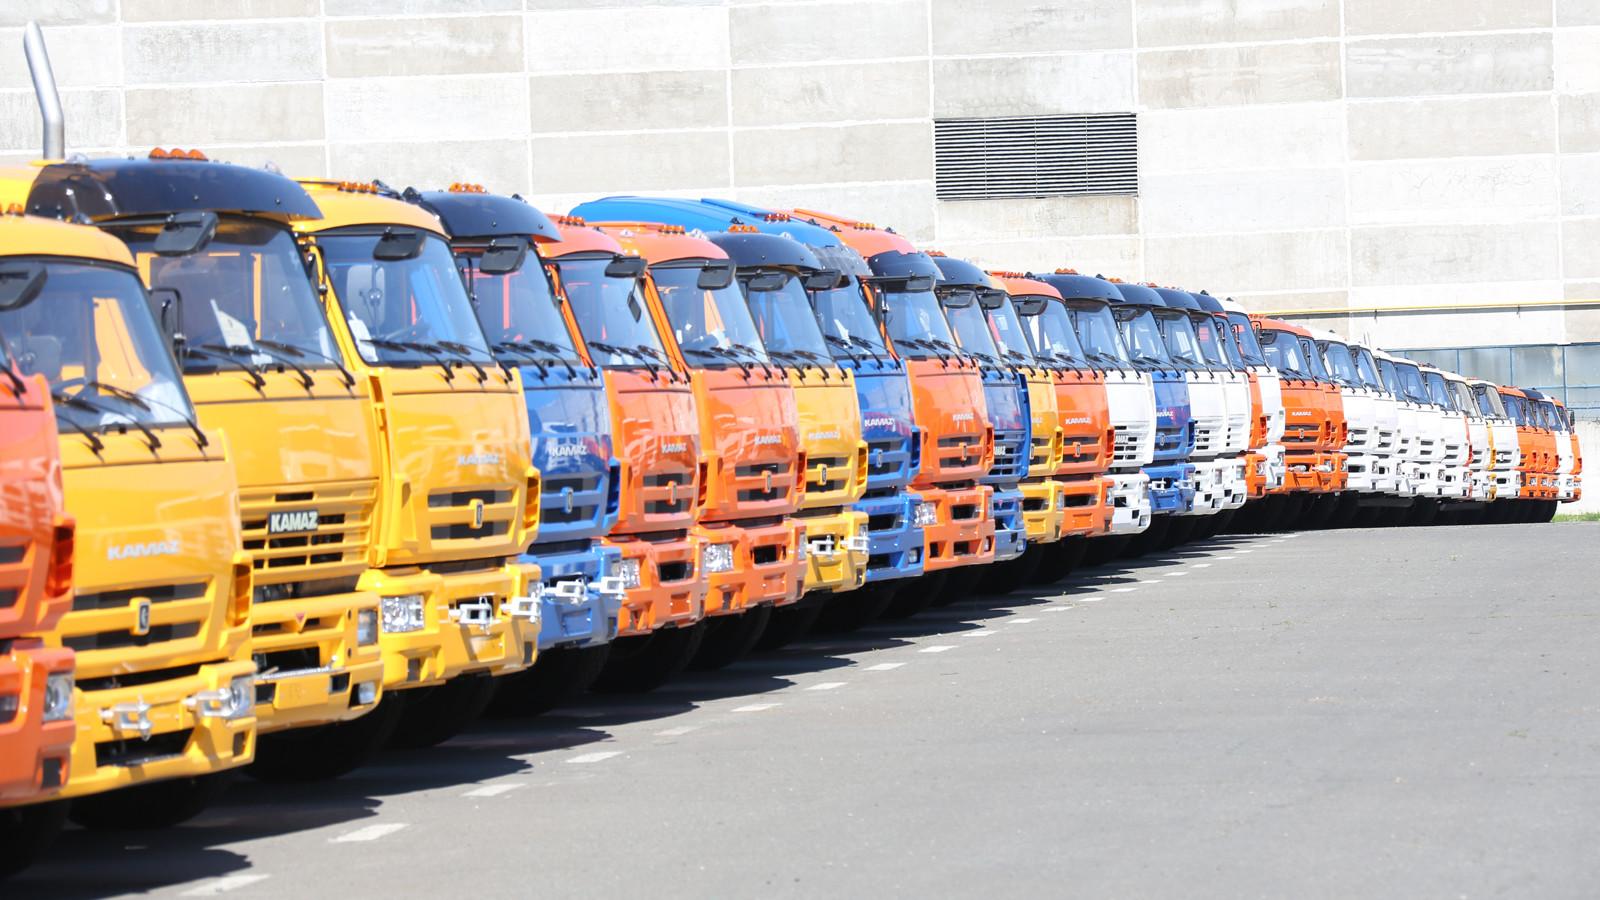 Медведев выделил 535млнруб. на грузовые автомобили для ООН